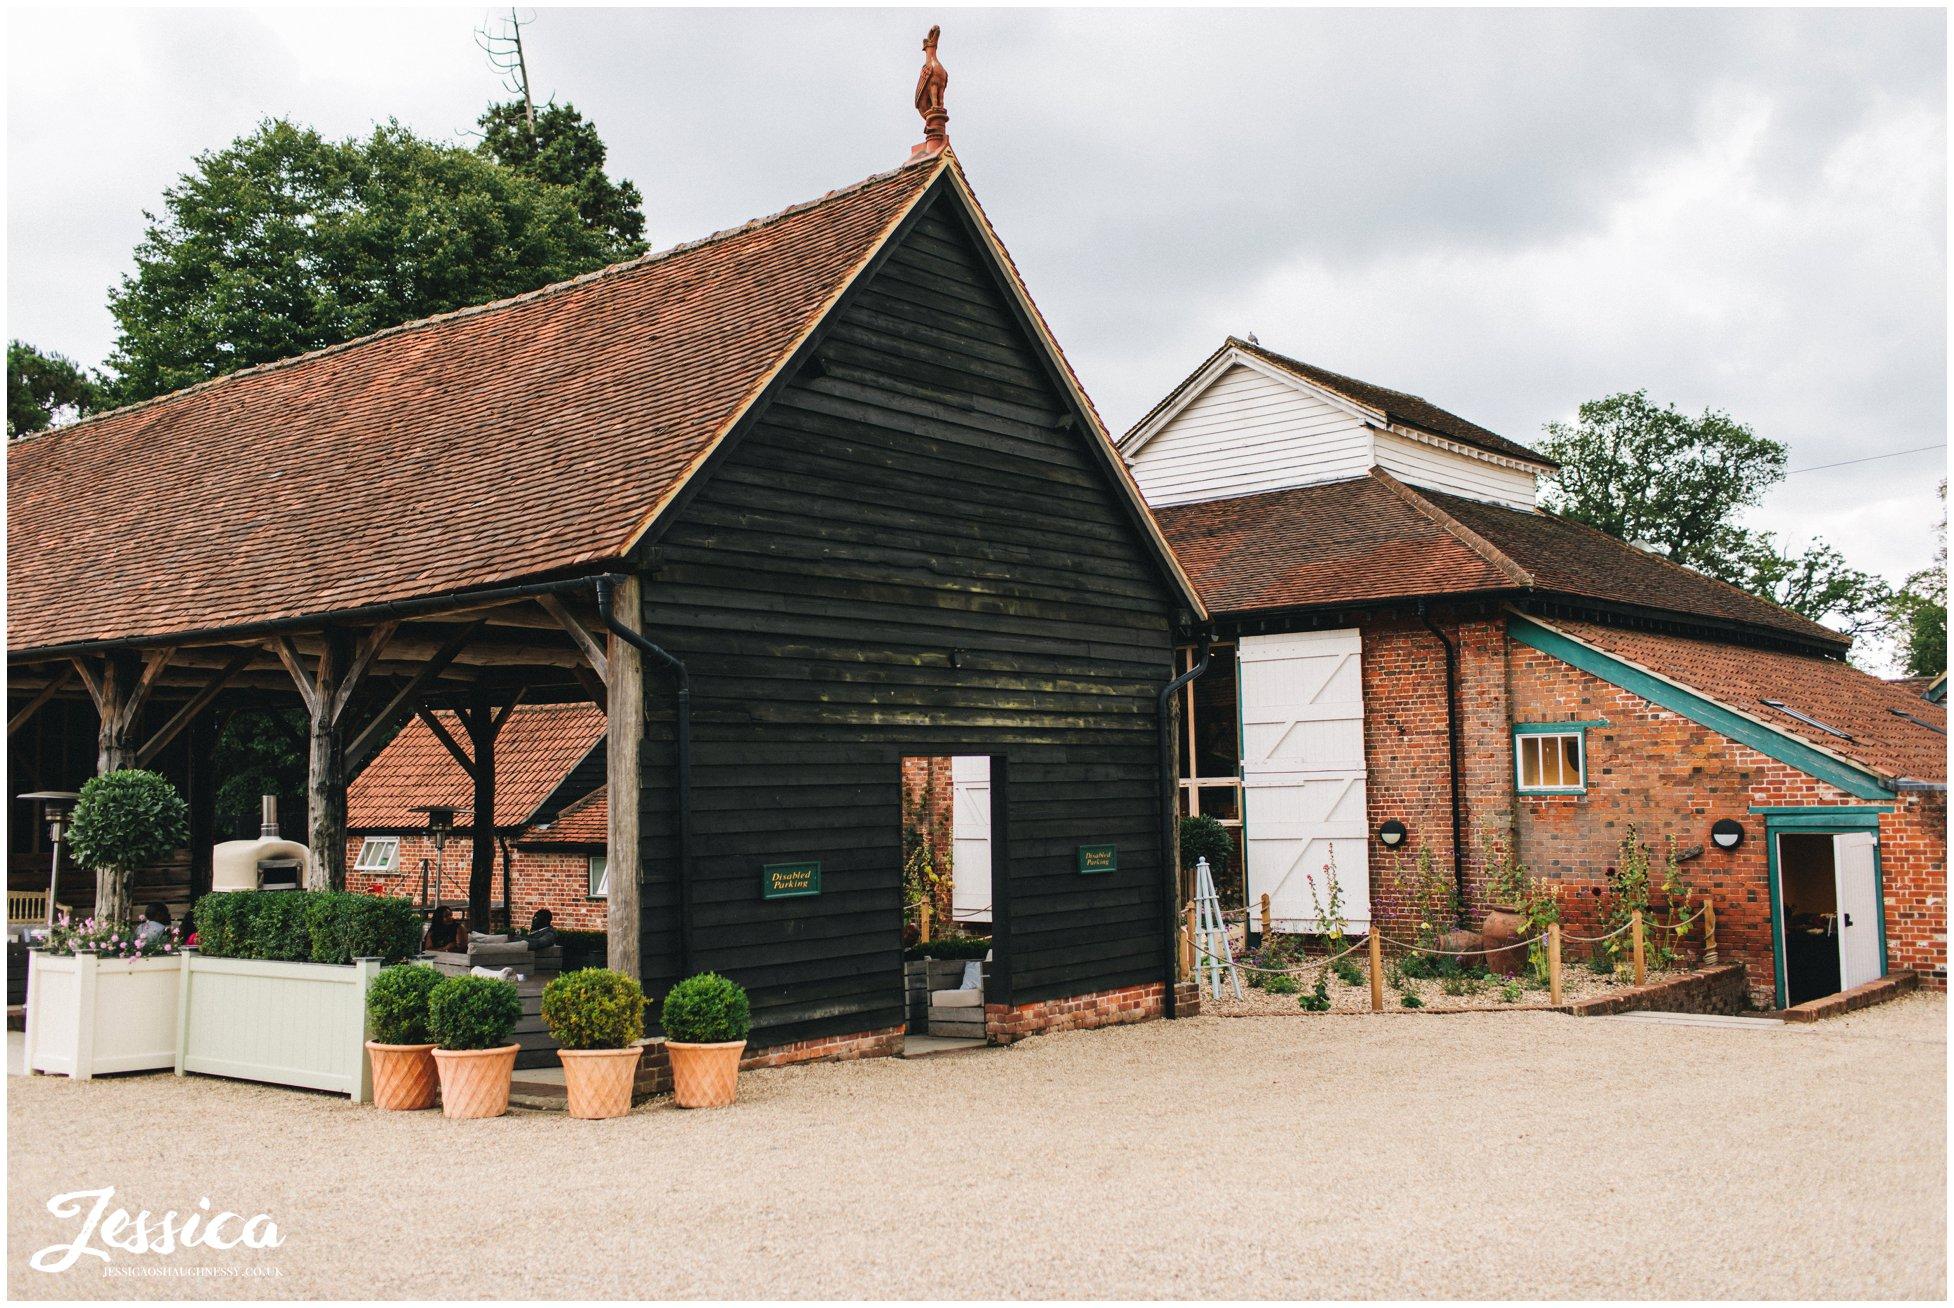 gaynes park in epping, a london barn wedding venue